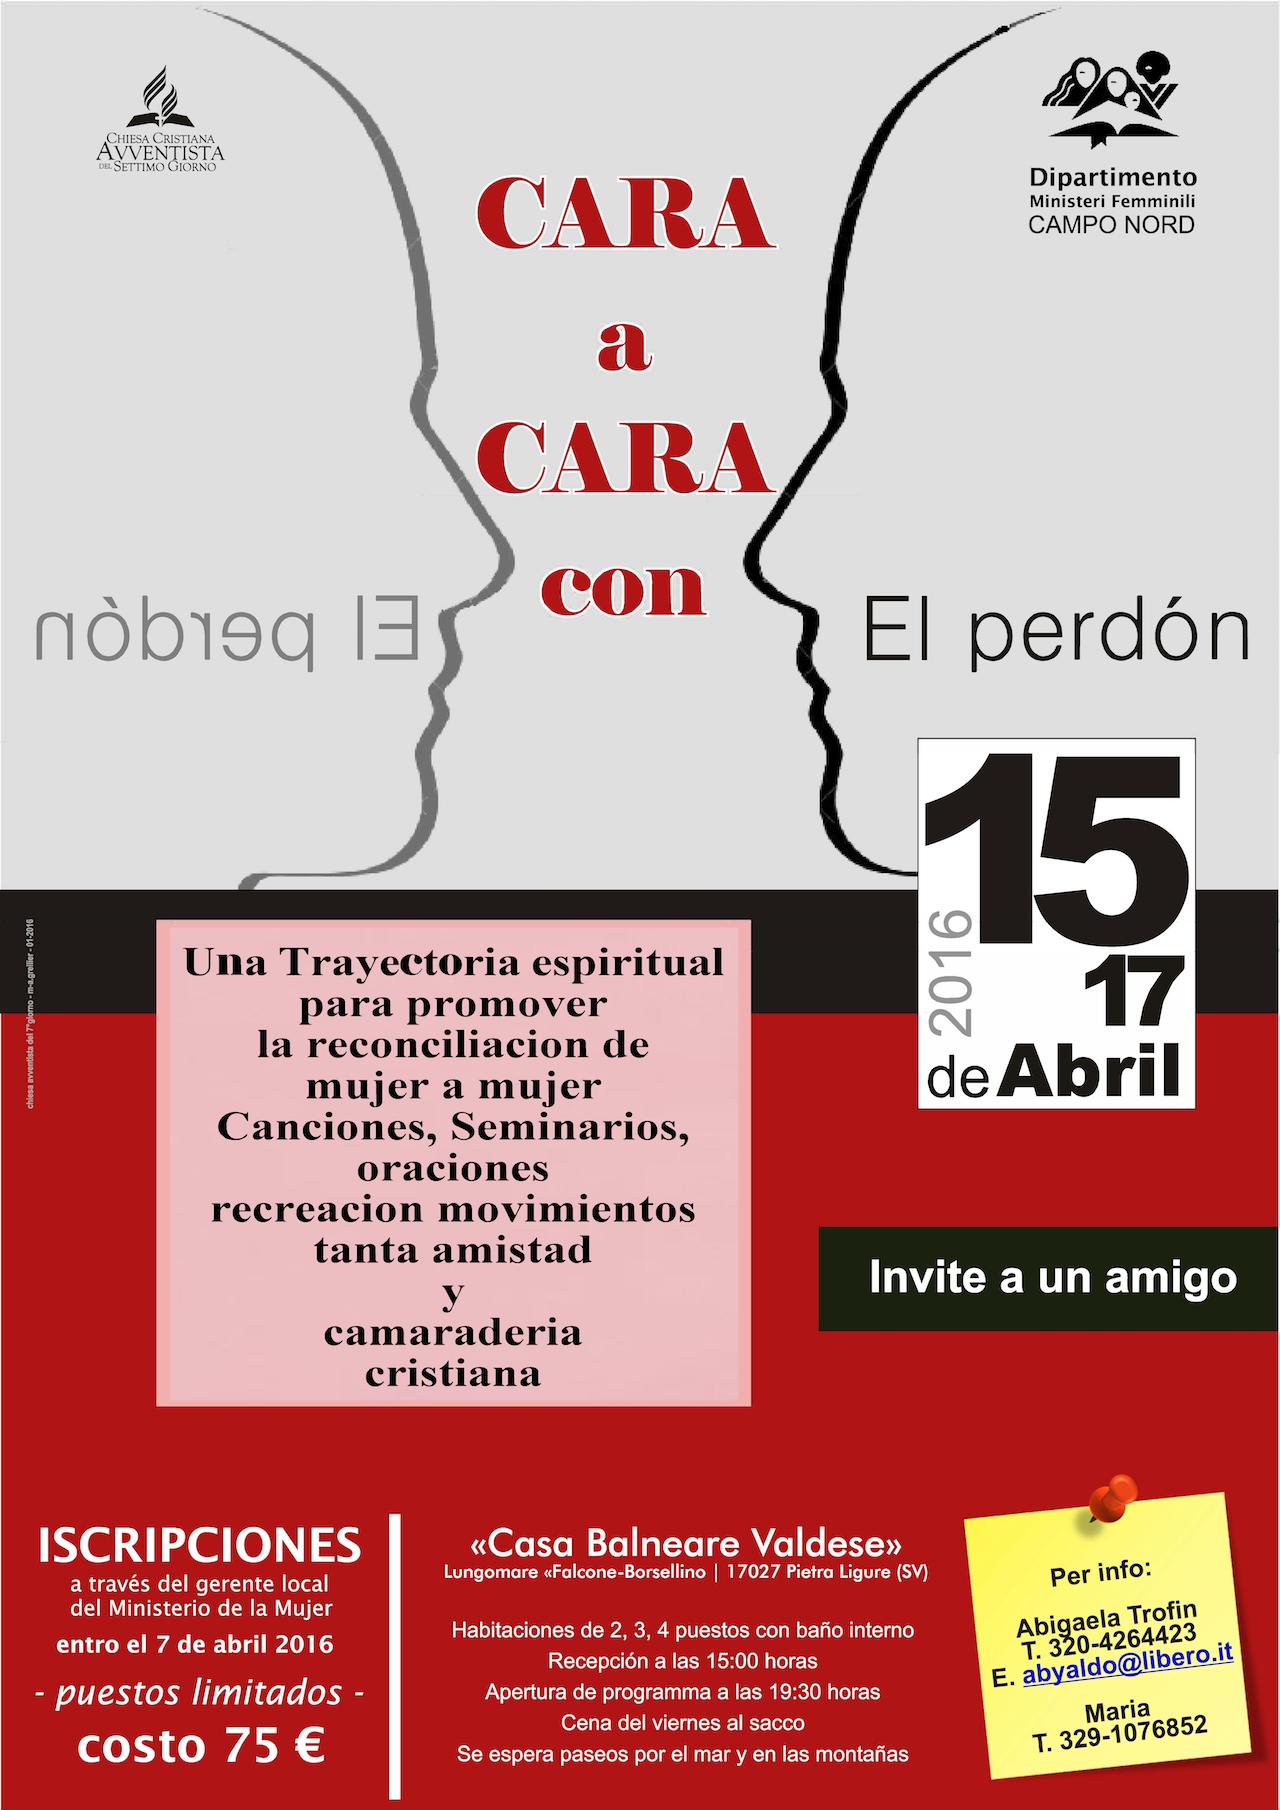 2016-04-15-17 - CARA-A-CARA-CON-EL-PERDON-RITIRO-SPIRITUALE-MIF-br